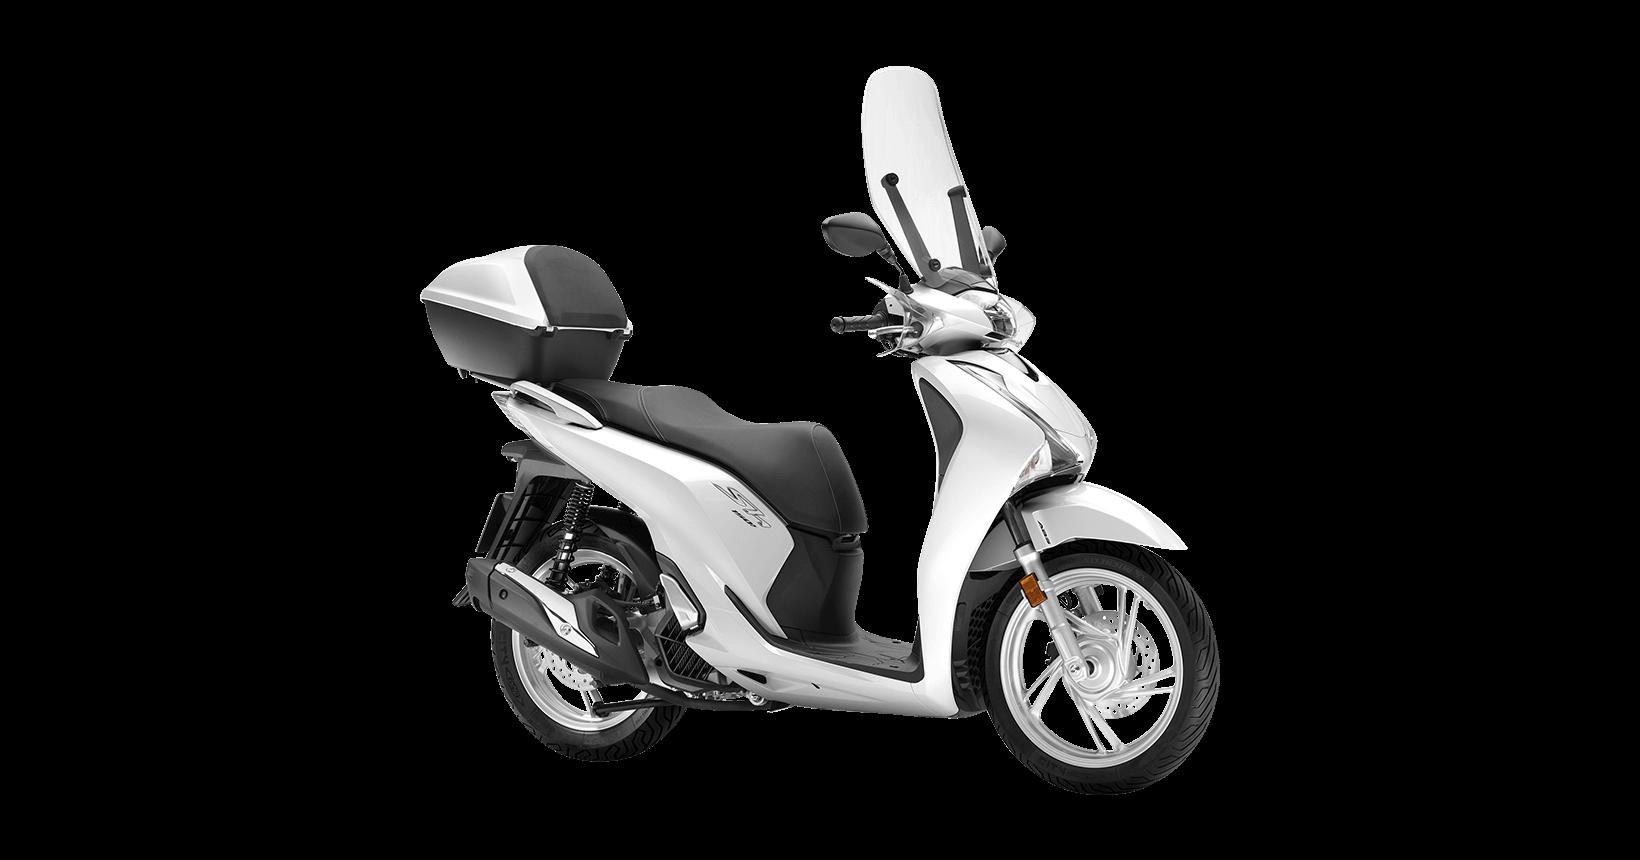 Honda Sh 150 Abs Da 179 Odisseocom Noleggio Lungo Termine